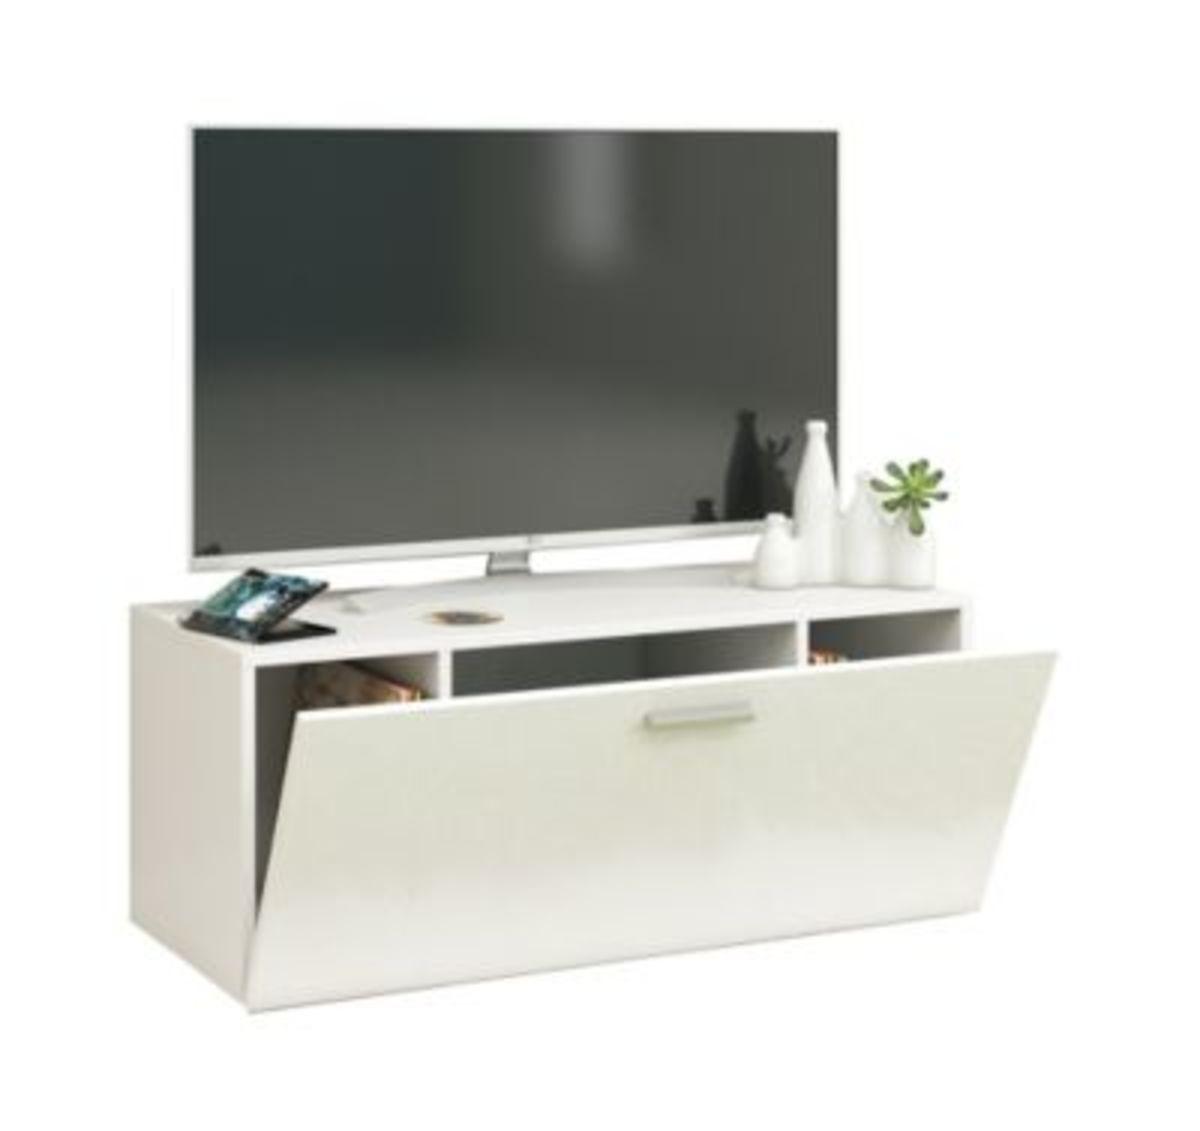 """Bild 1 von VCM TV Wand Board Fernsehtisch Lowboard Wohnwand Regal Wandschrank Schrank Tisch Hängend """"Fernso"""" VCM TV-Wand-Lowboard """"Fernso"""" (Farbe: B. 95cm: Weiß)"""